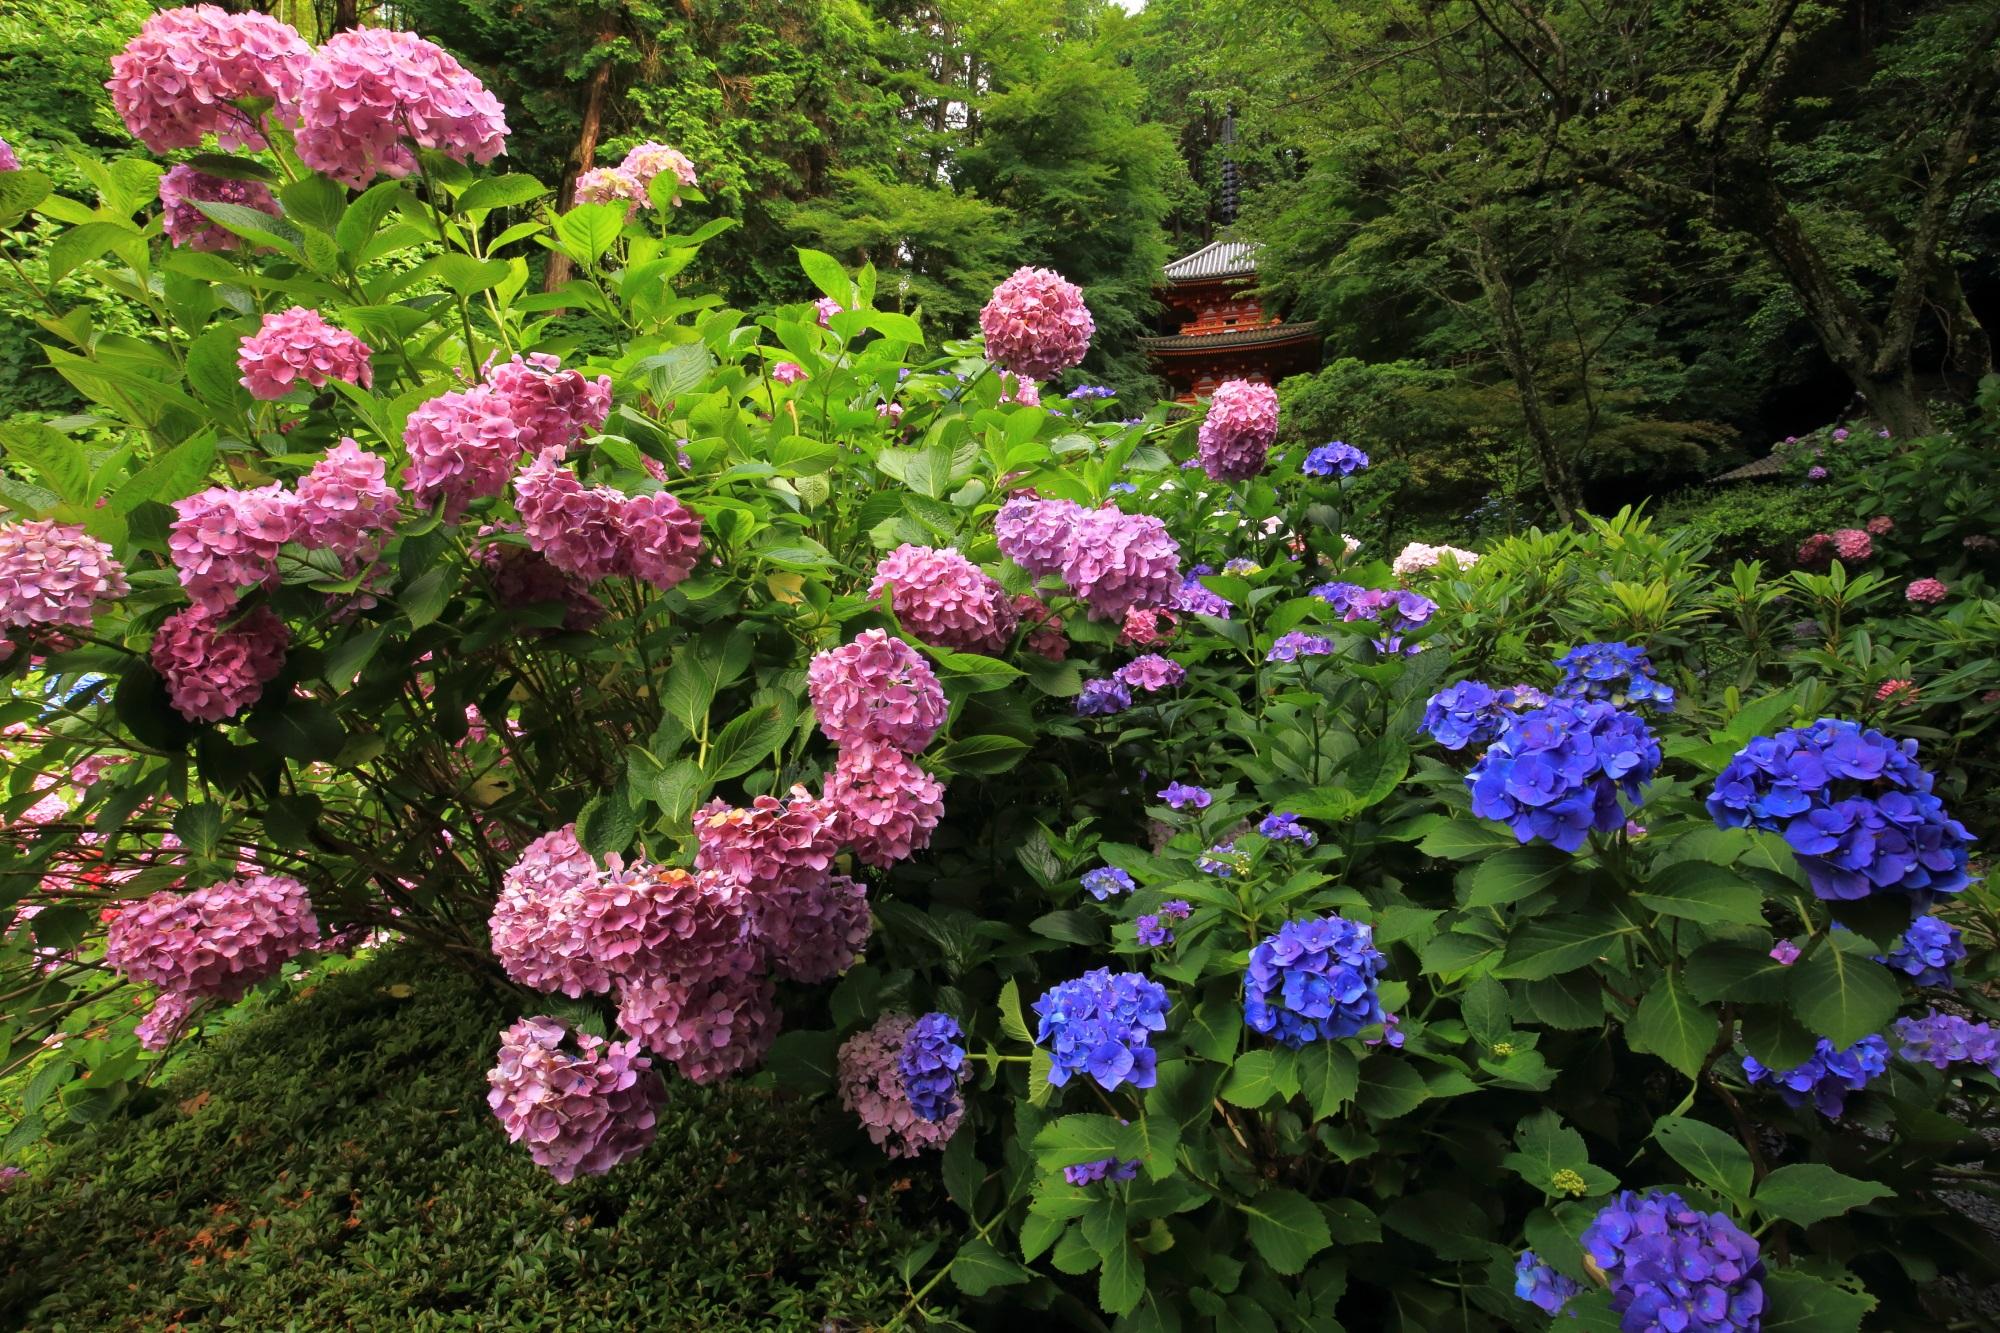 岩船寺のピンクの紫陽花と青の紫陽花の見事な色のコントラスト